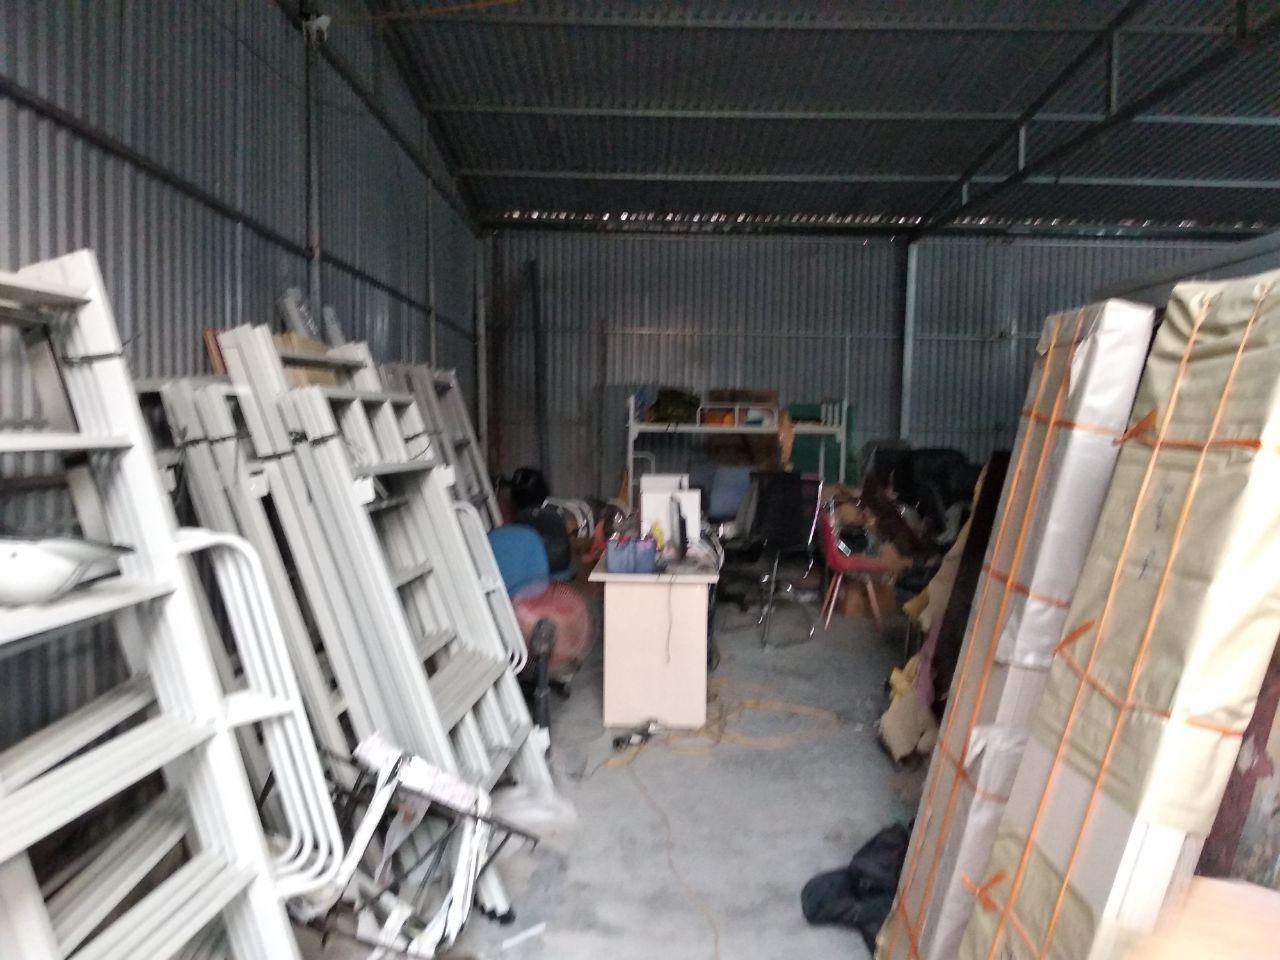 Miễn phí vận chuyển nội thành Hà Nội với đơn 10tr cho giường sắt tầng